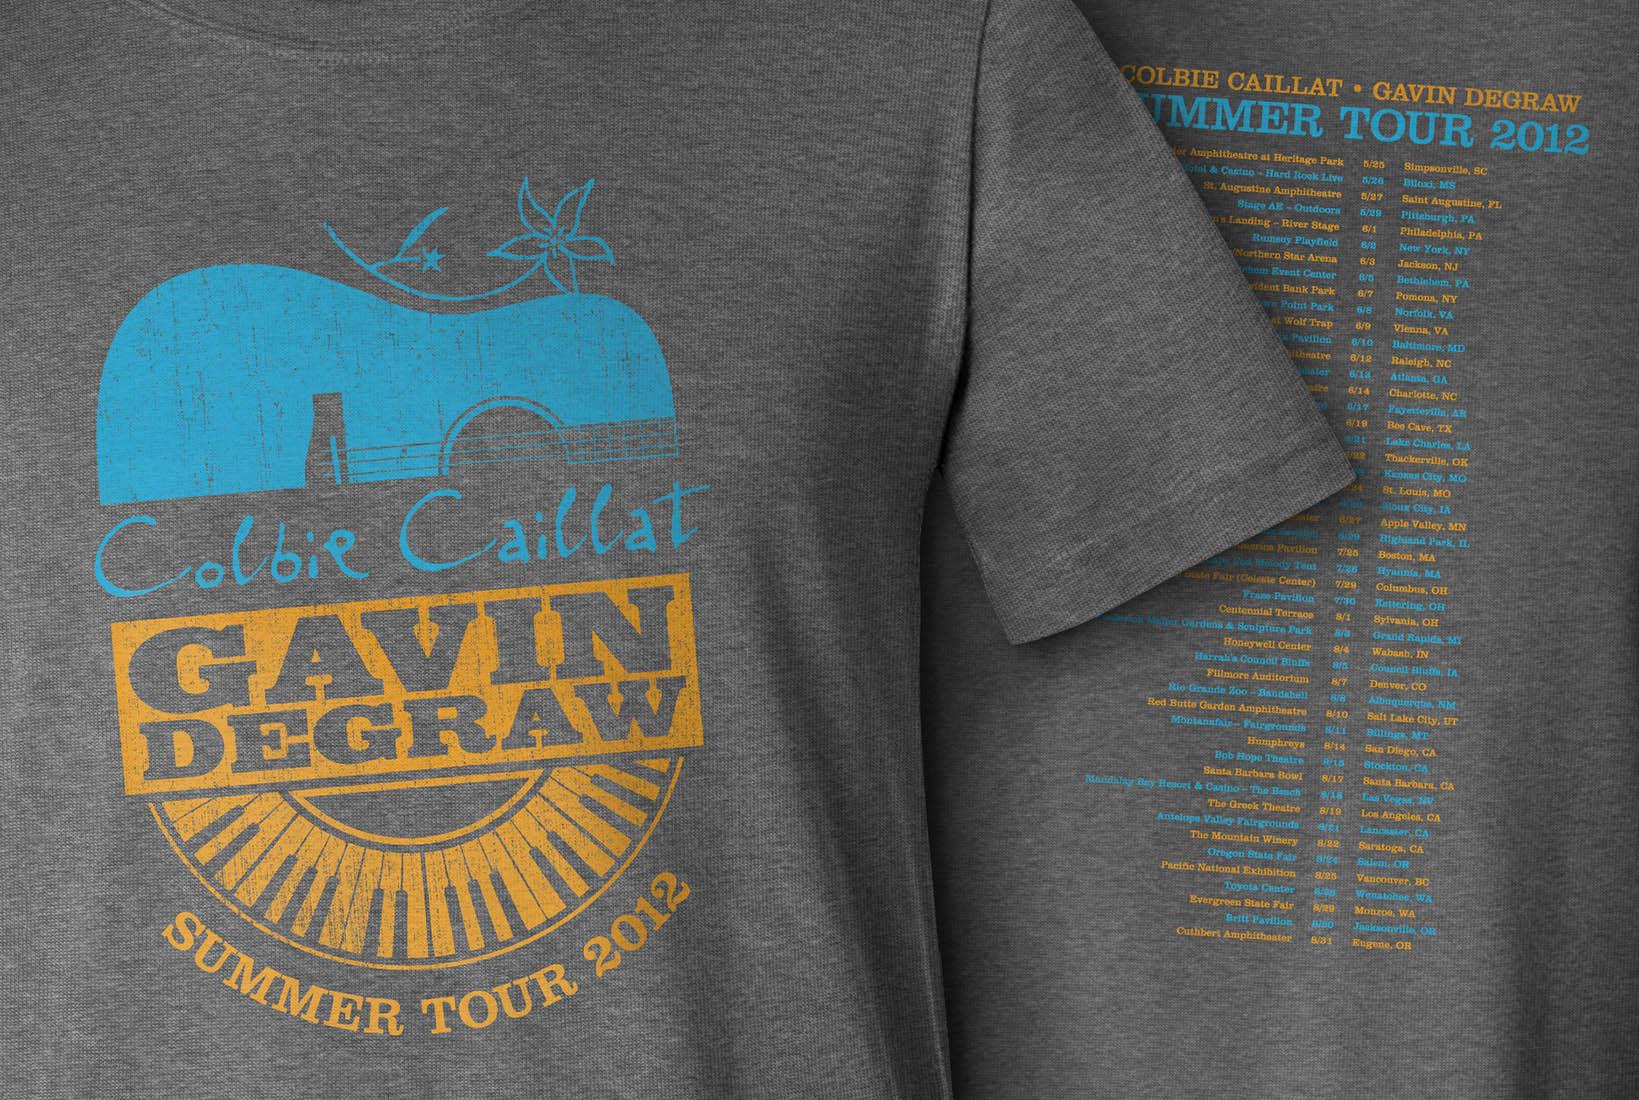 Tshirt-ColbieDeGraw-TourShirt